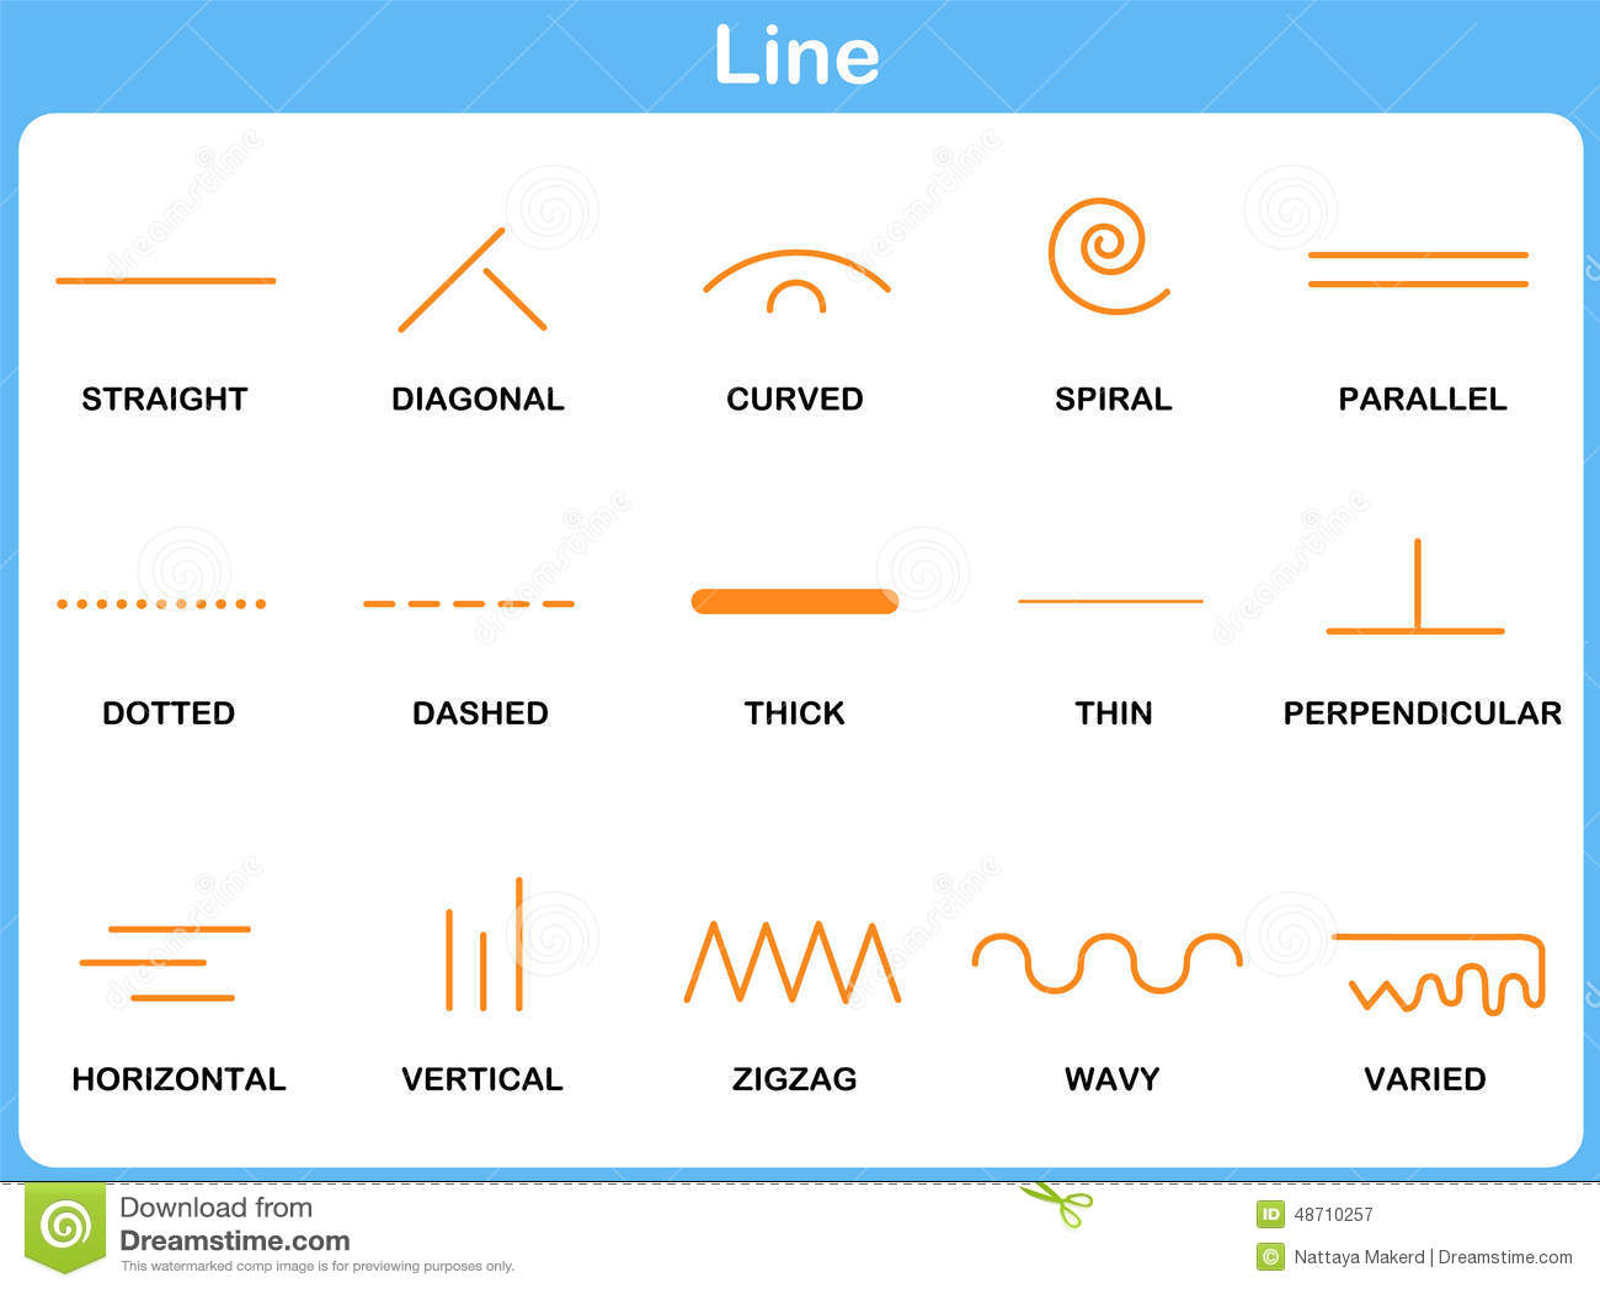 Leaning Line Worksheet For Children Stock Vector